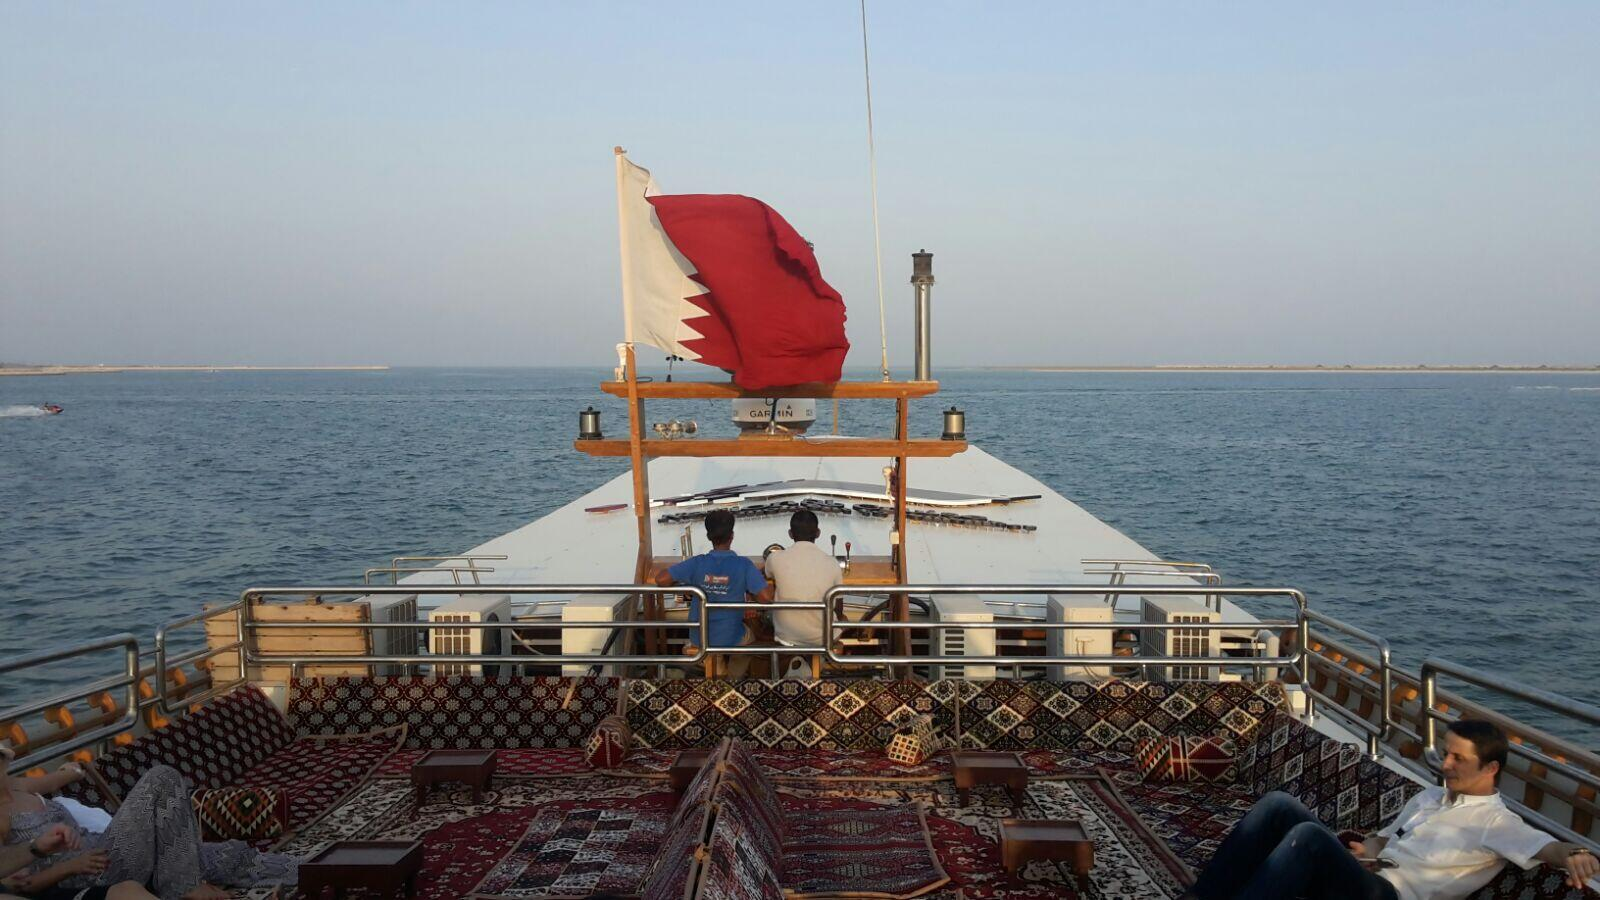 Un paseo por las costas cataríes en barco se impone. Doha, septiempre de 2017.